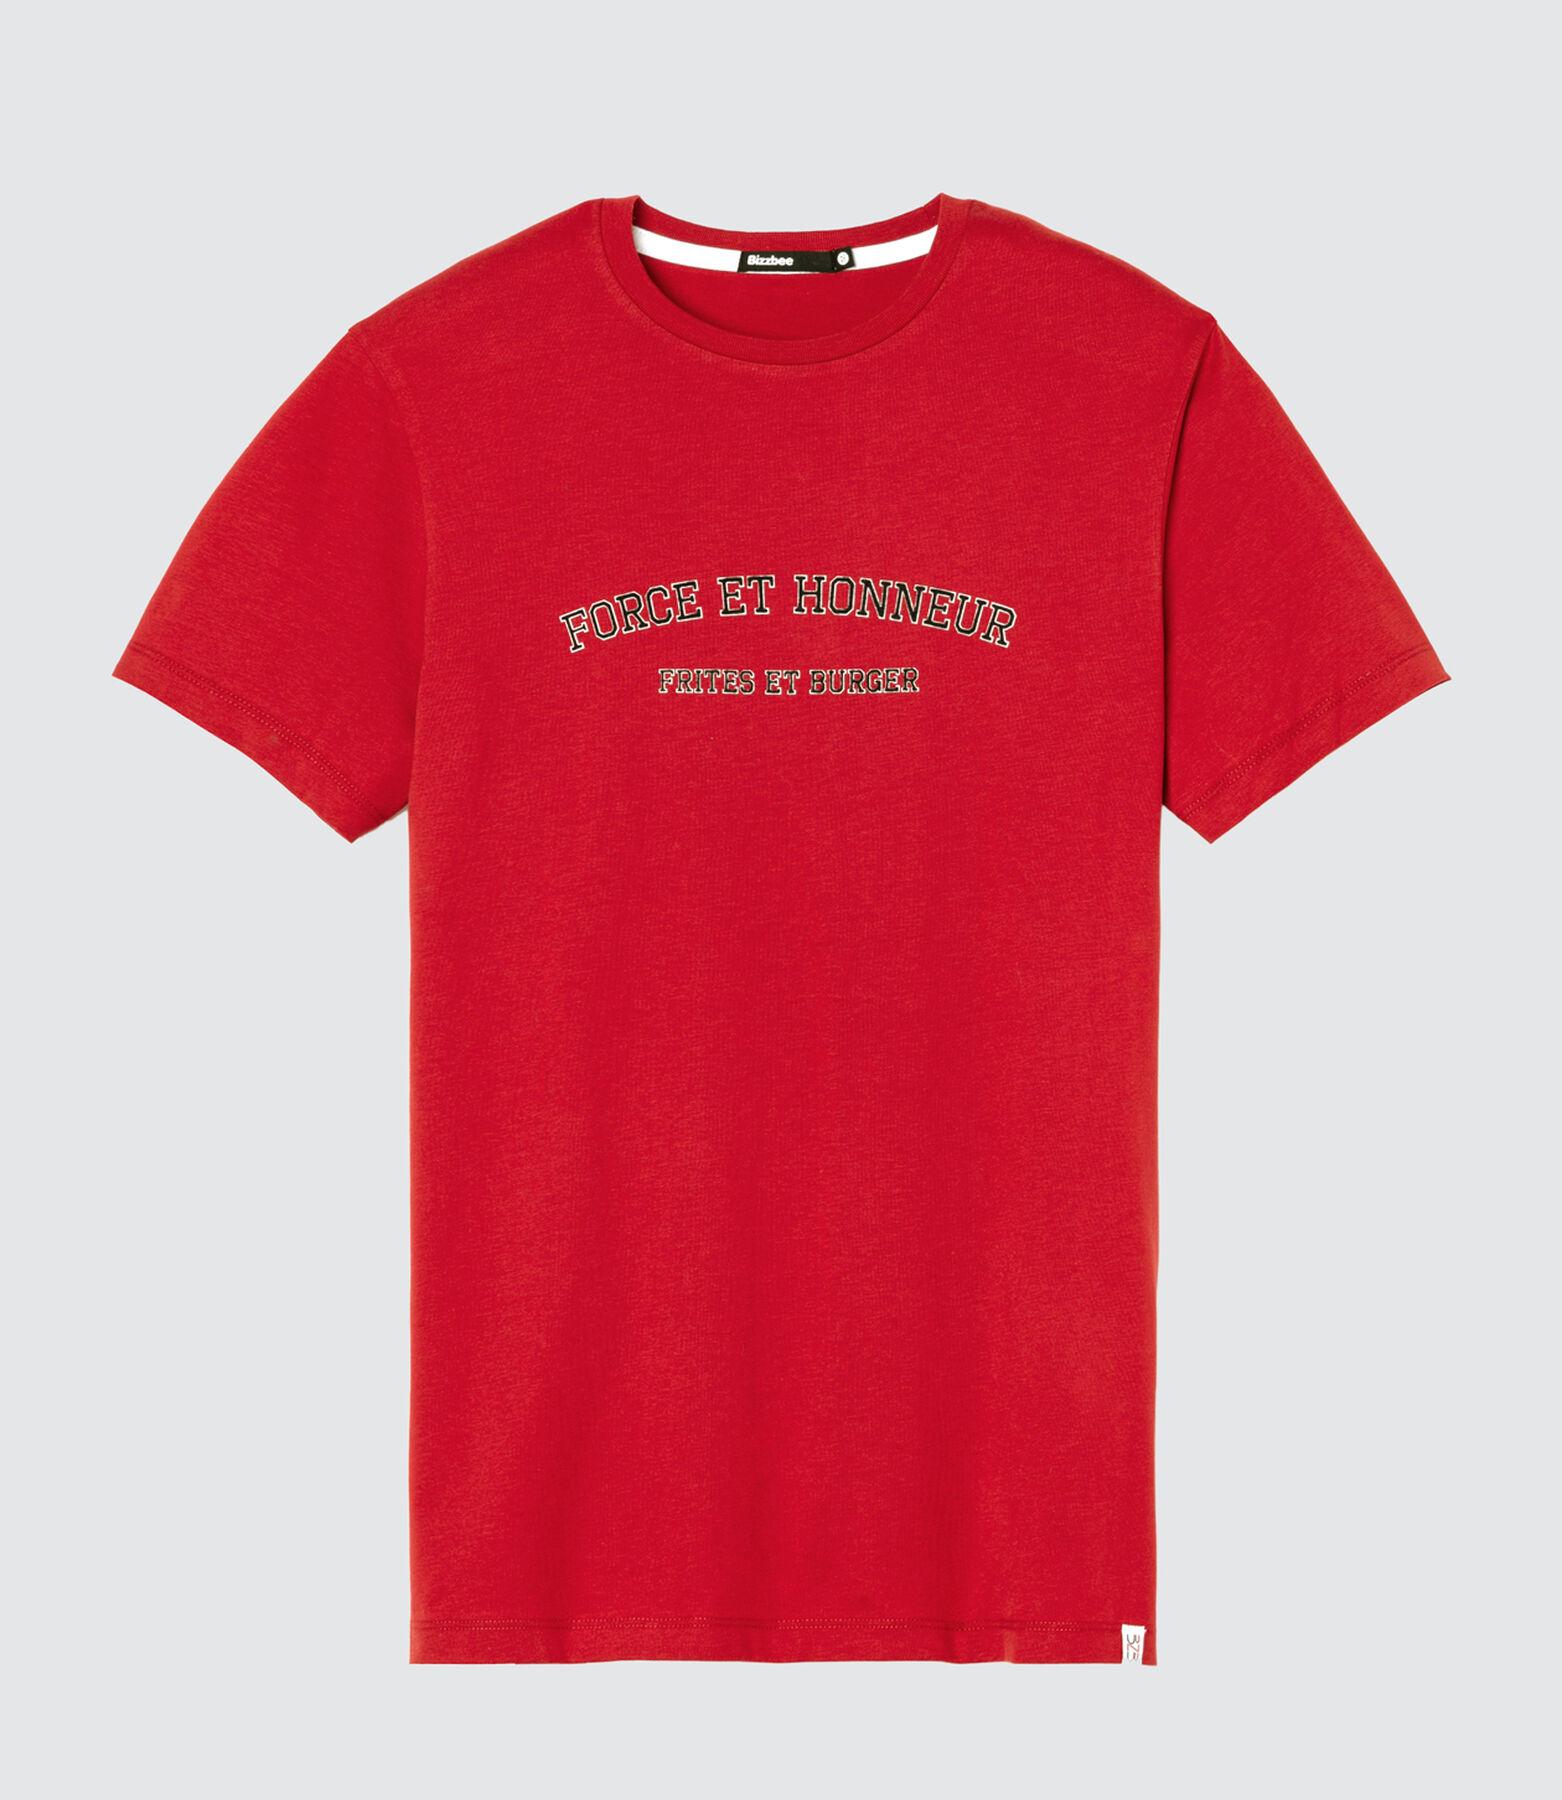 T-shirt esprit campus humour